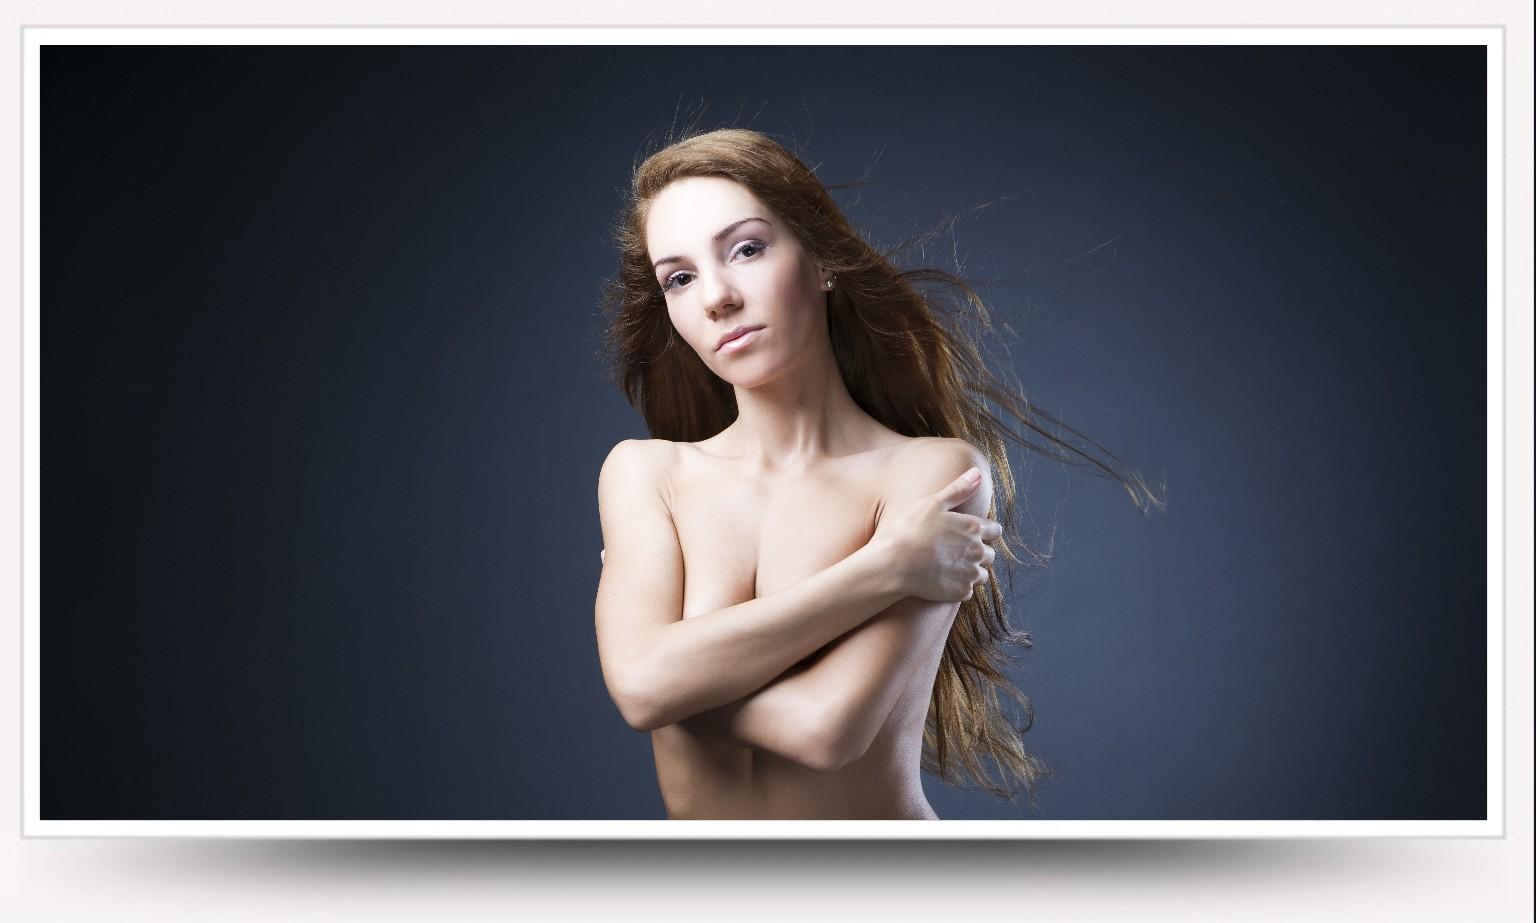 South erotic actress